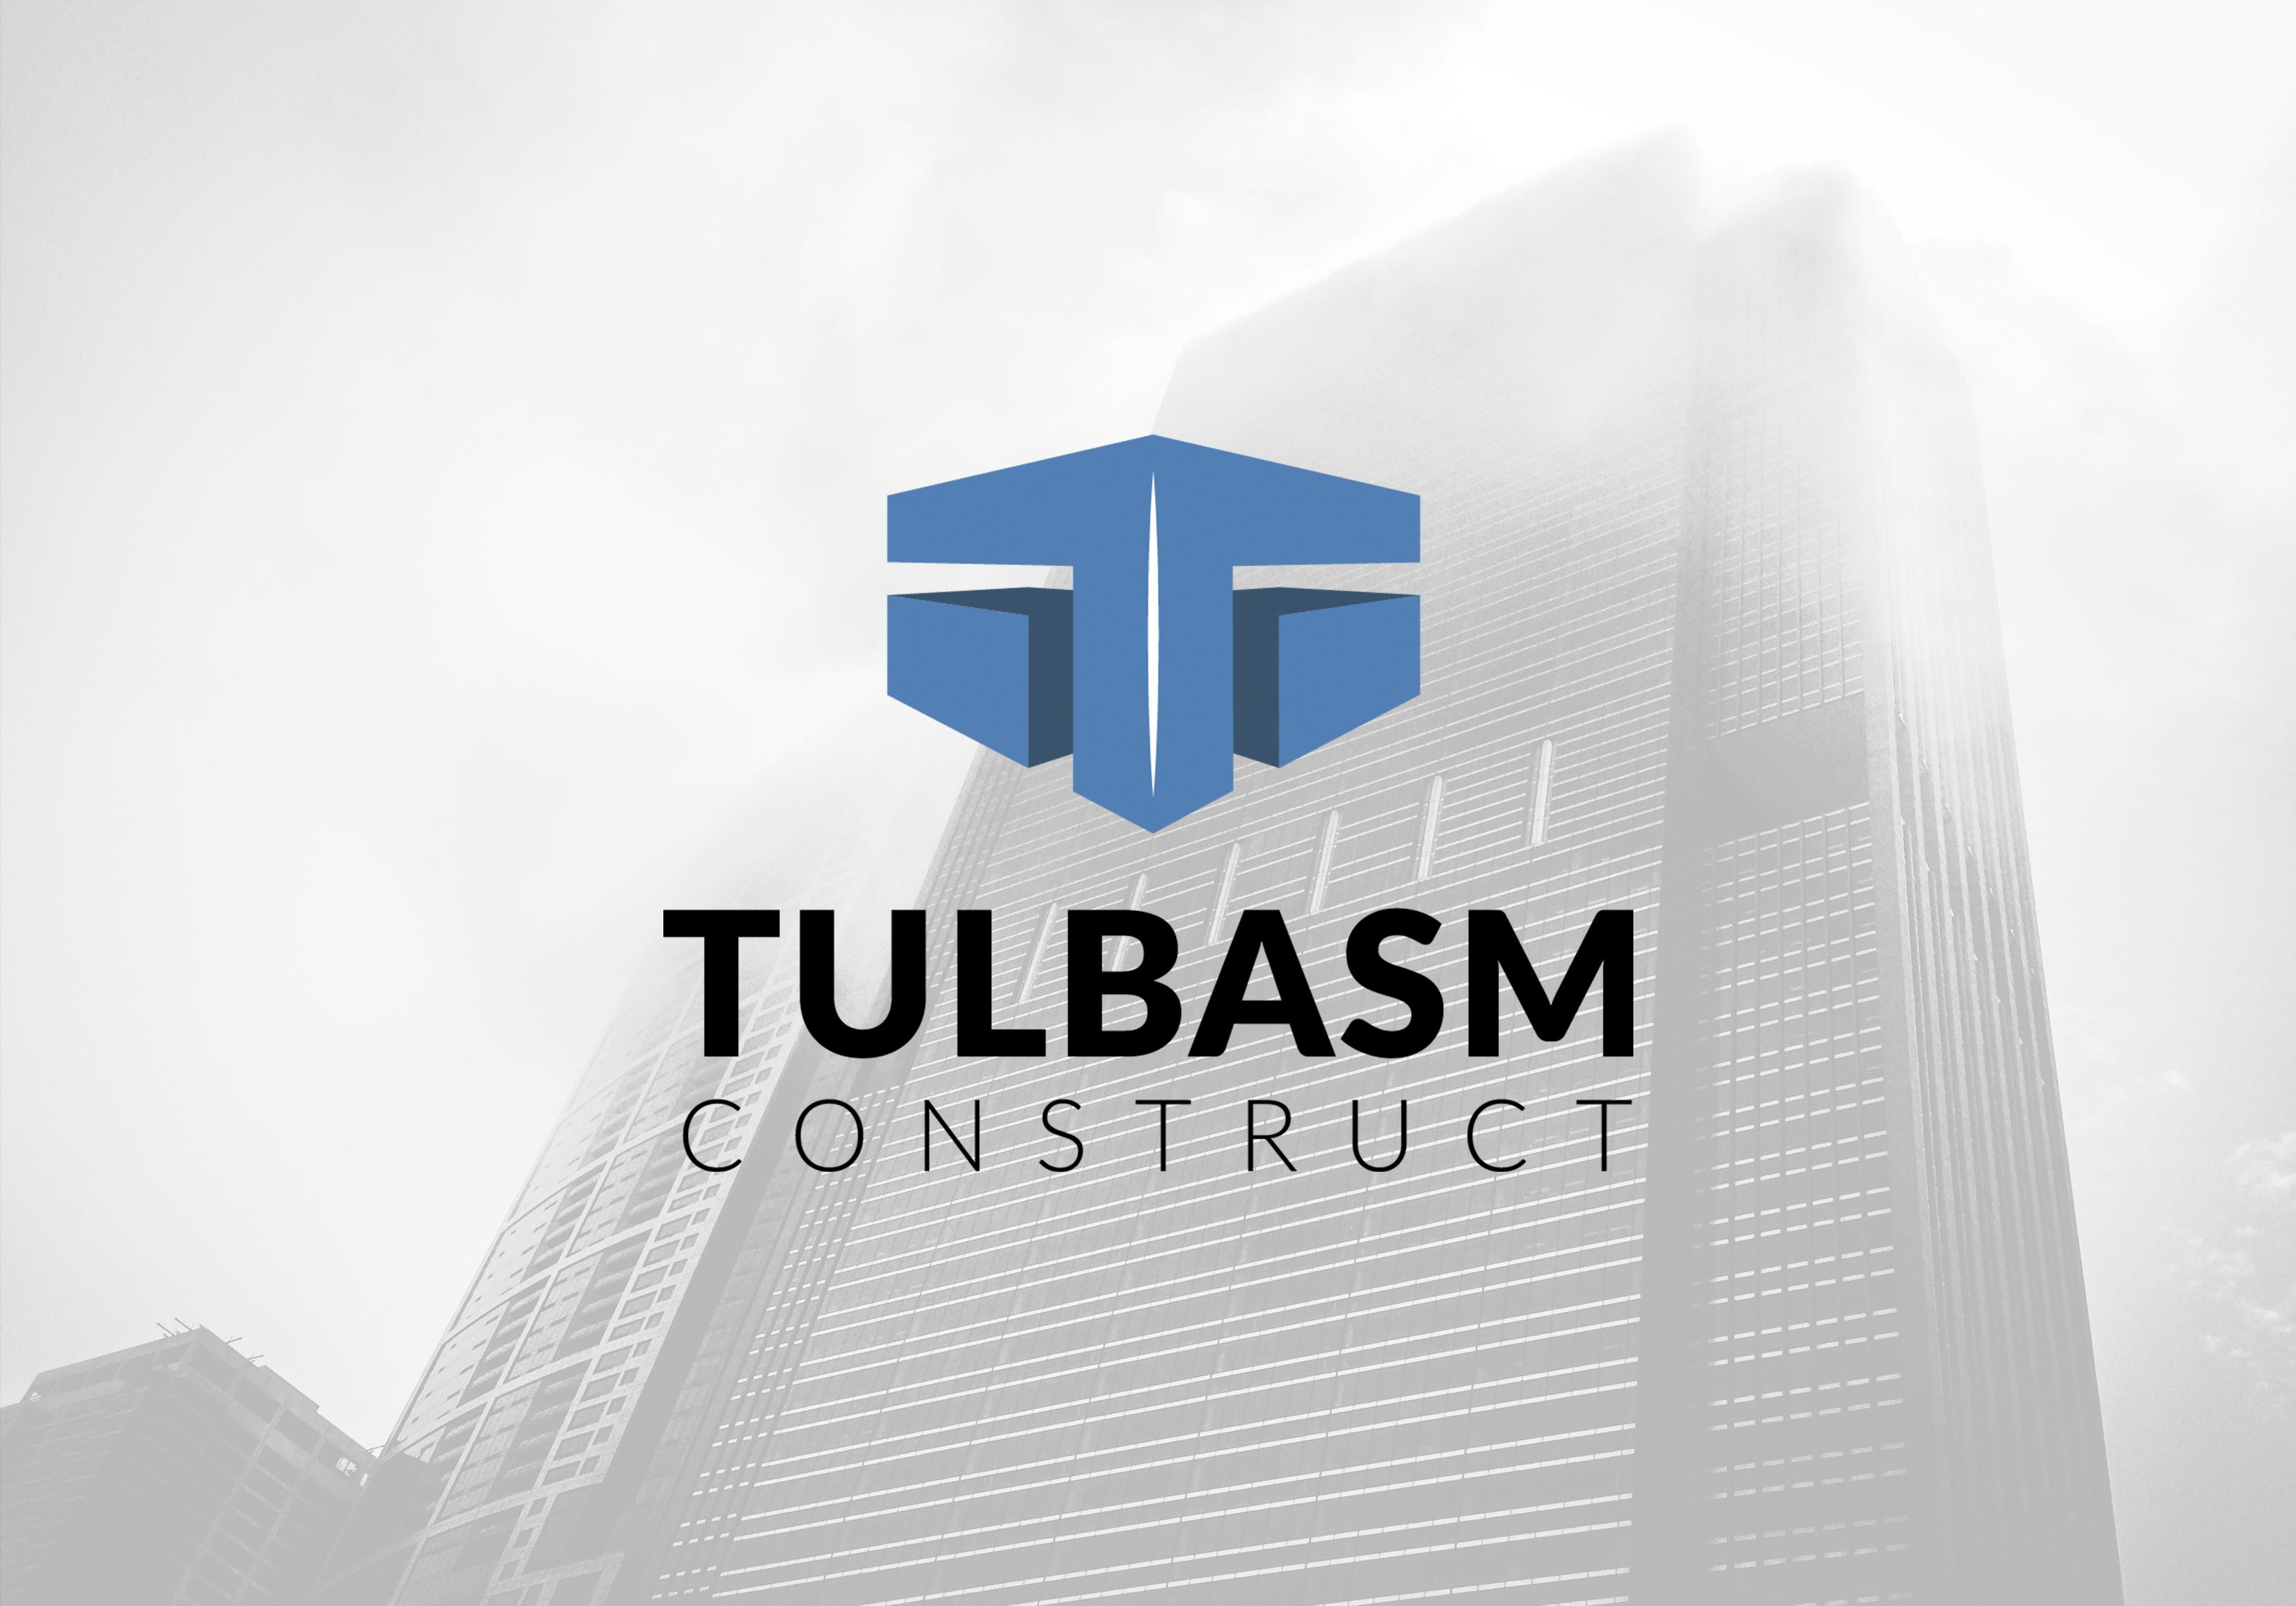 tulbasm_logo_04